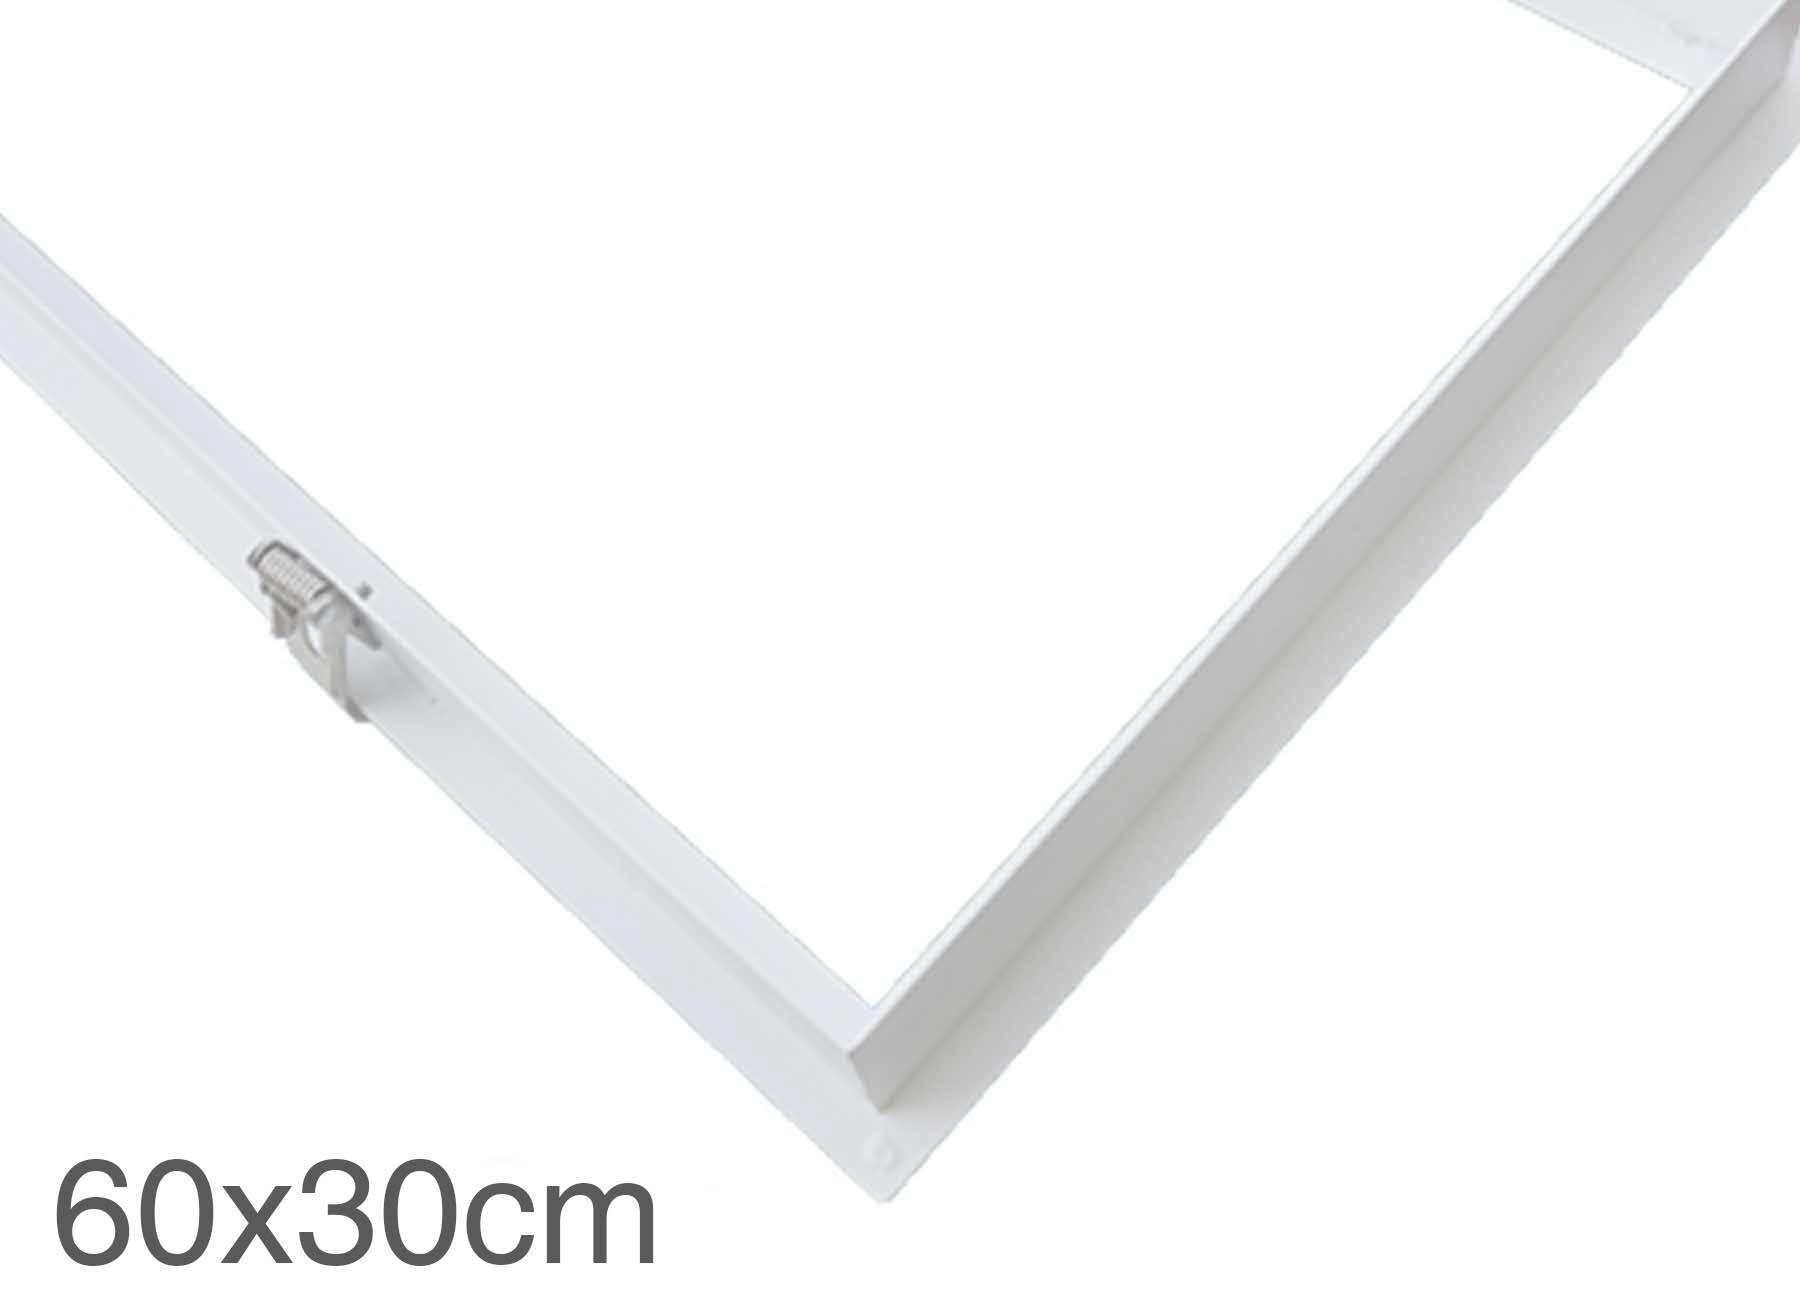 LED Panel Einbaurahmen 30x60cm weiß Deckeneinbau Montagerahmen für Rigipskartondecke